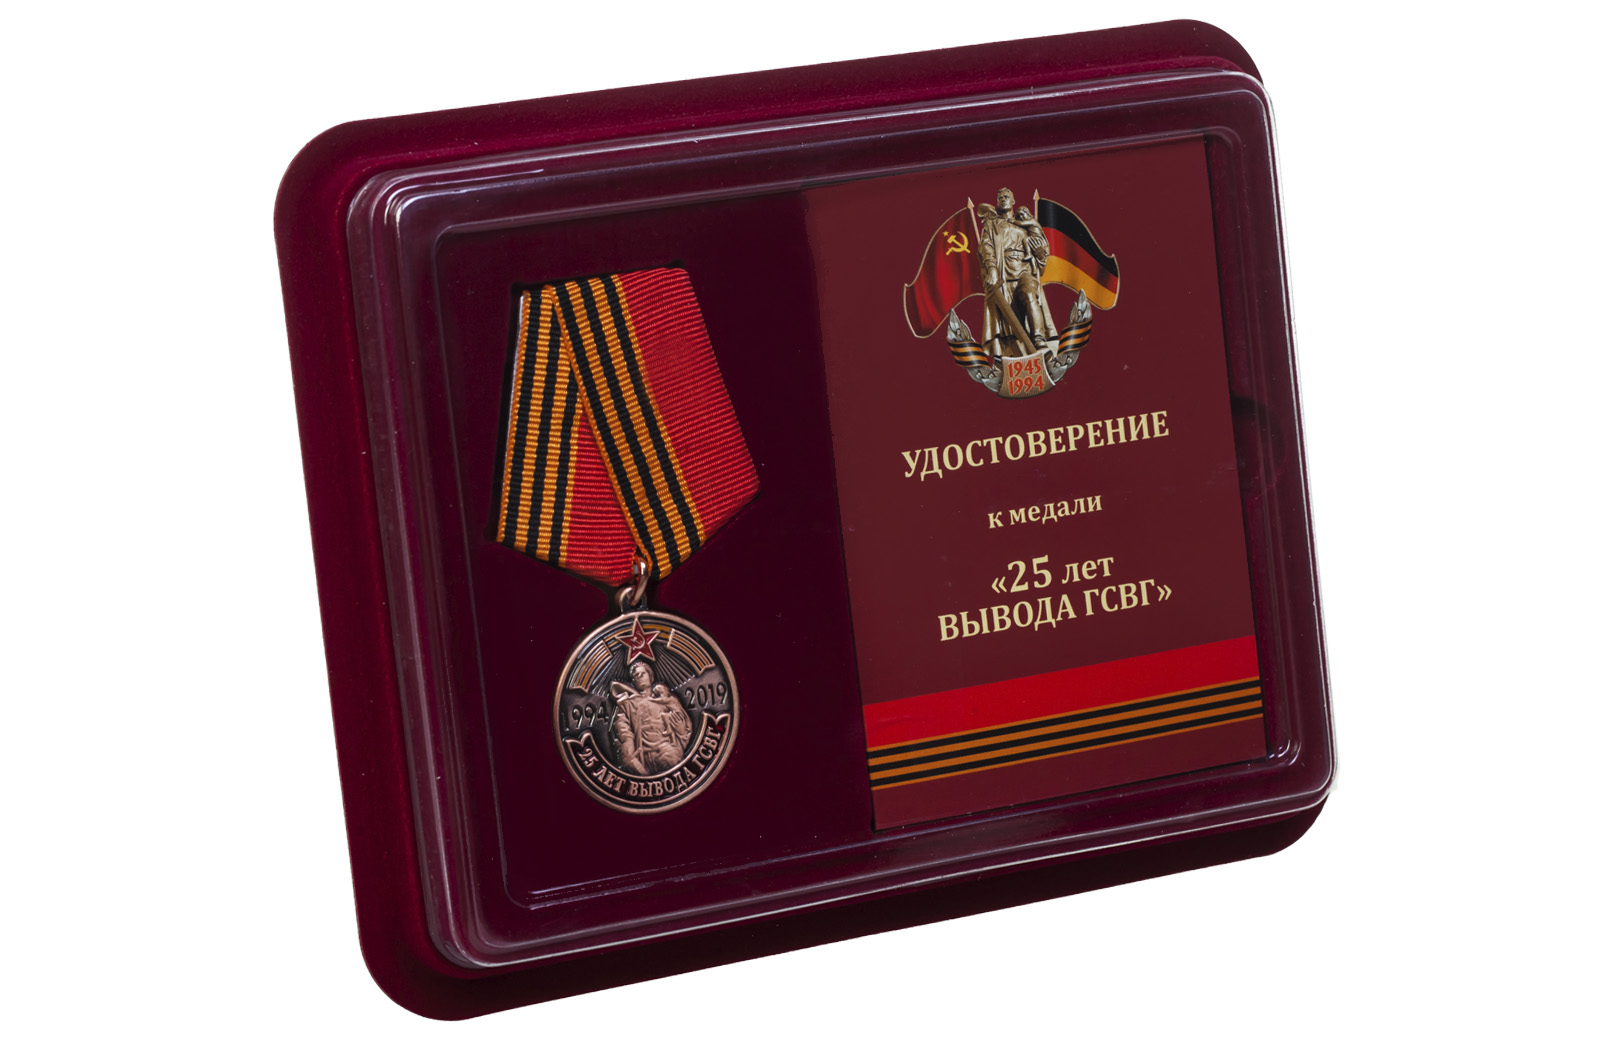 """Памятная медаль """"25 лет вывода ГСВГ"""" в розницу или оптом"""